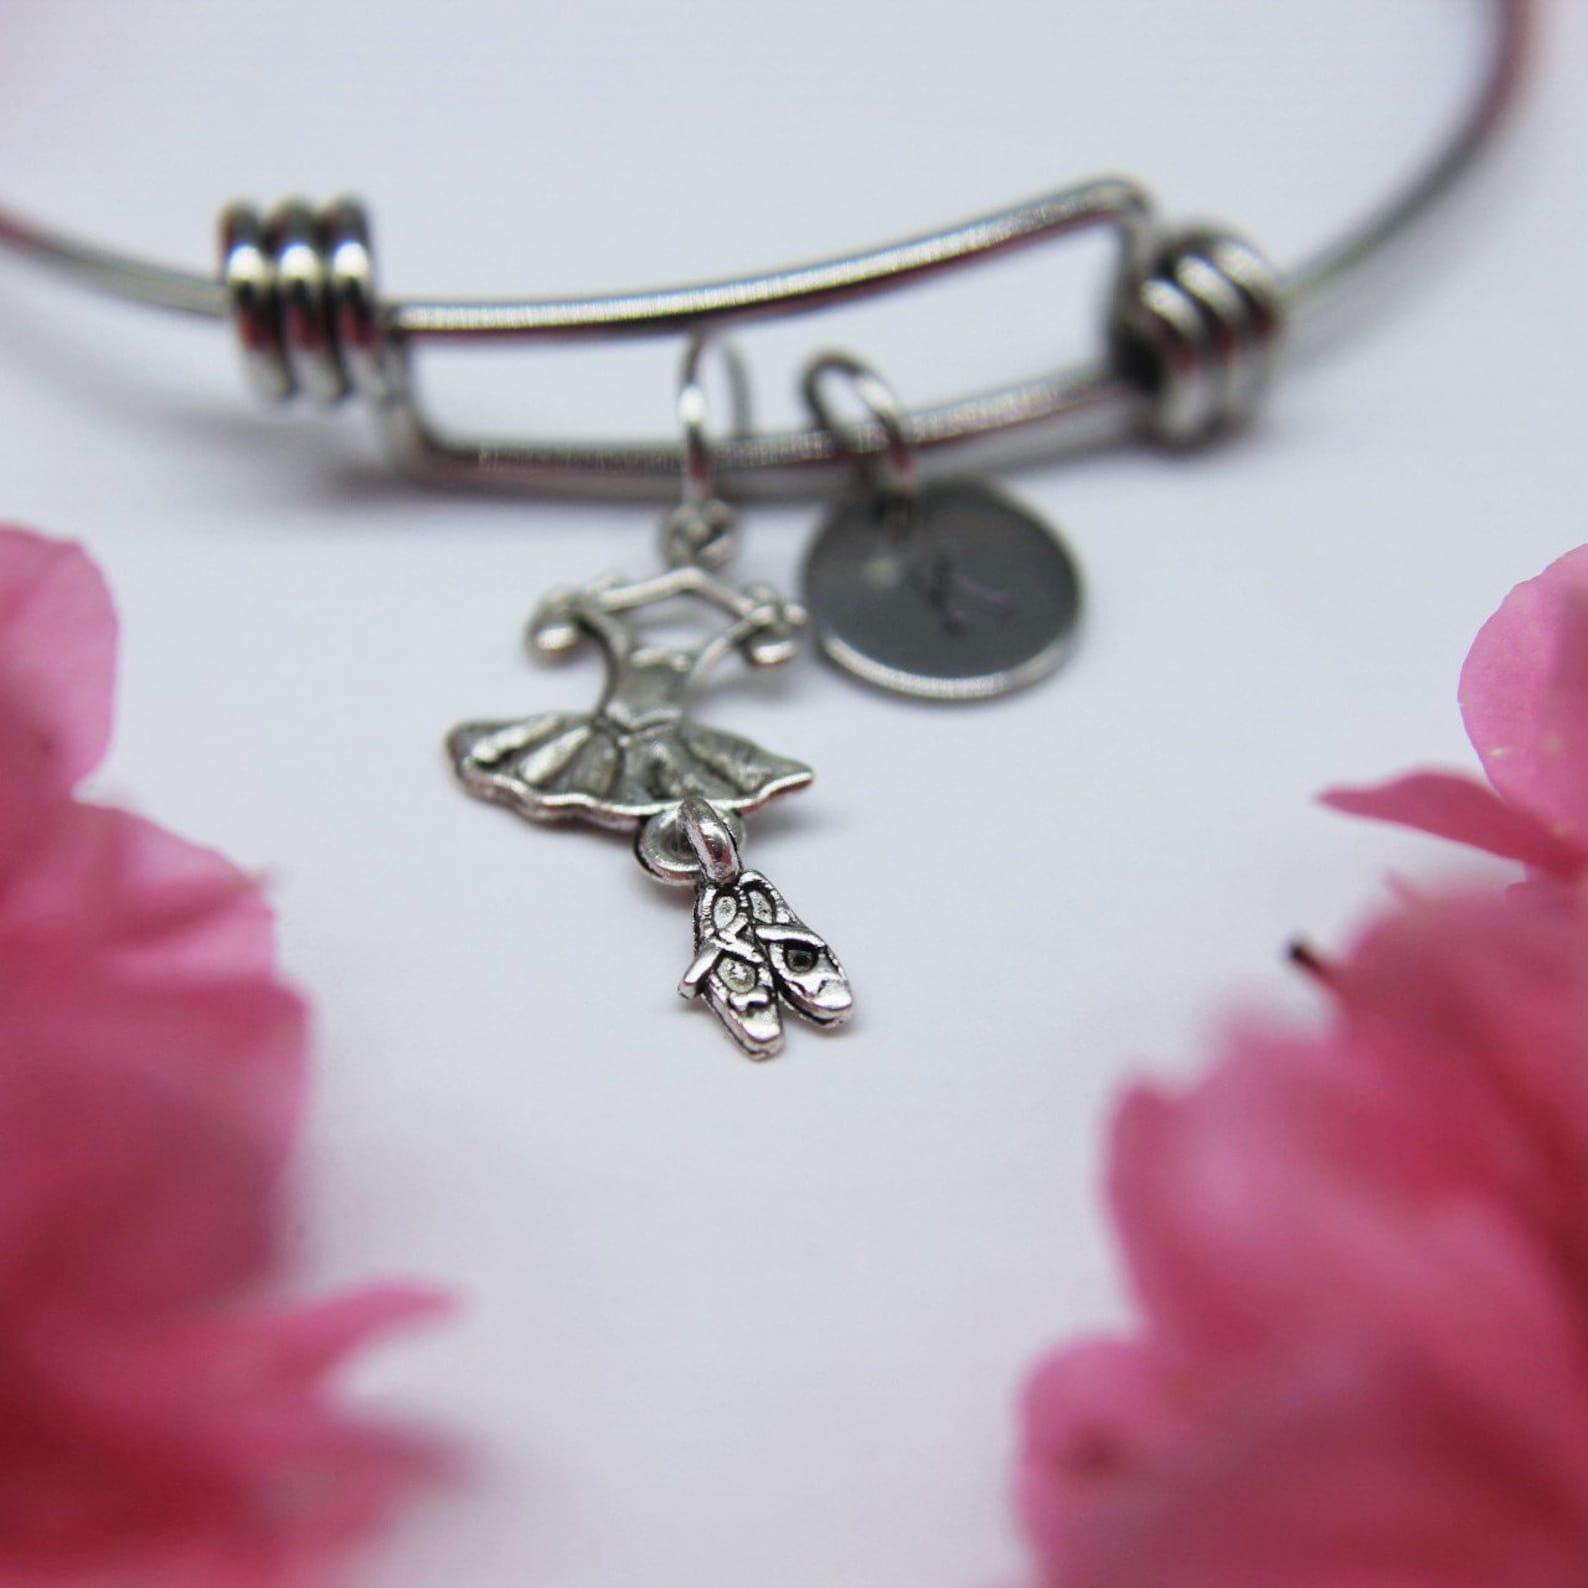 ballet bracelet ballerina bracelet ballet tutu charm tutu charm ballerina jewelry balllet gift personalized bracelet initial bra